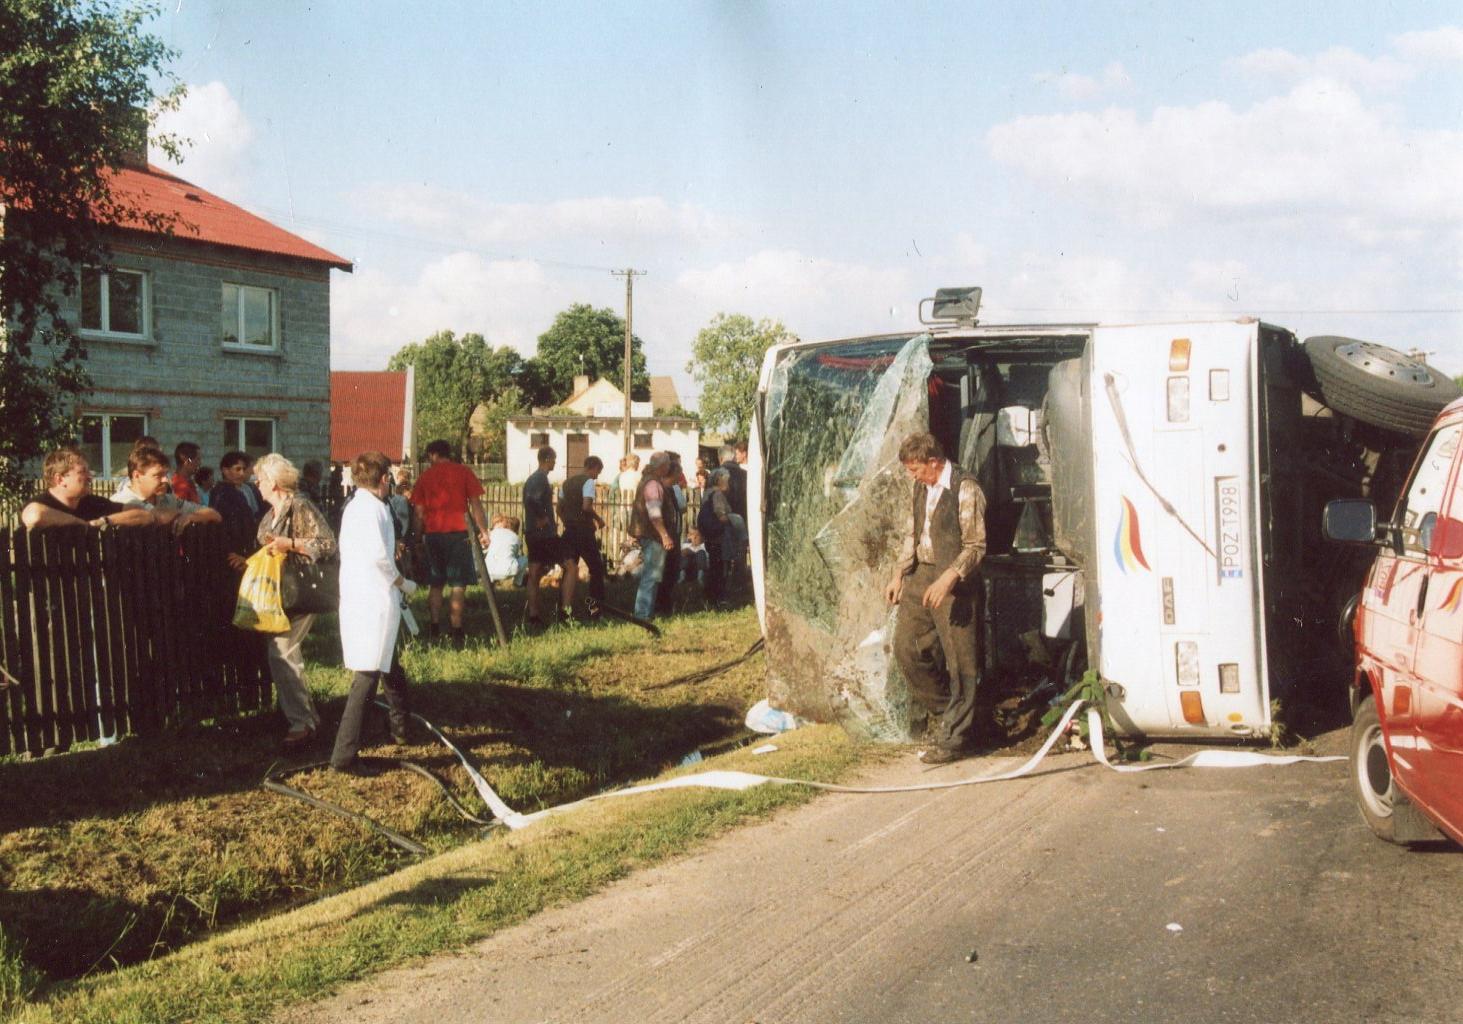 Pandemia pokrzyżowała plany pogotowia ratunkowego [FILM, ZDJĘCIA]   - Zdjęcie główne